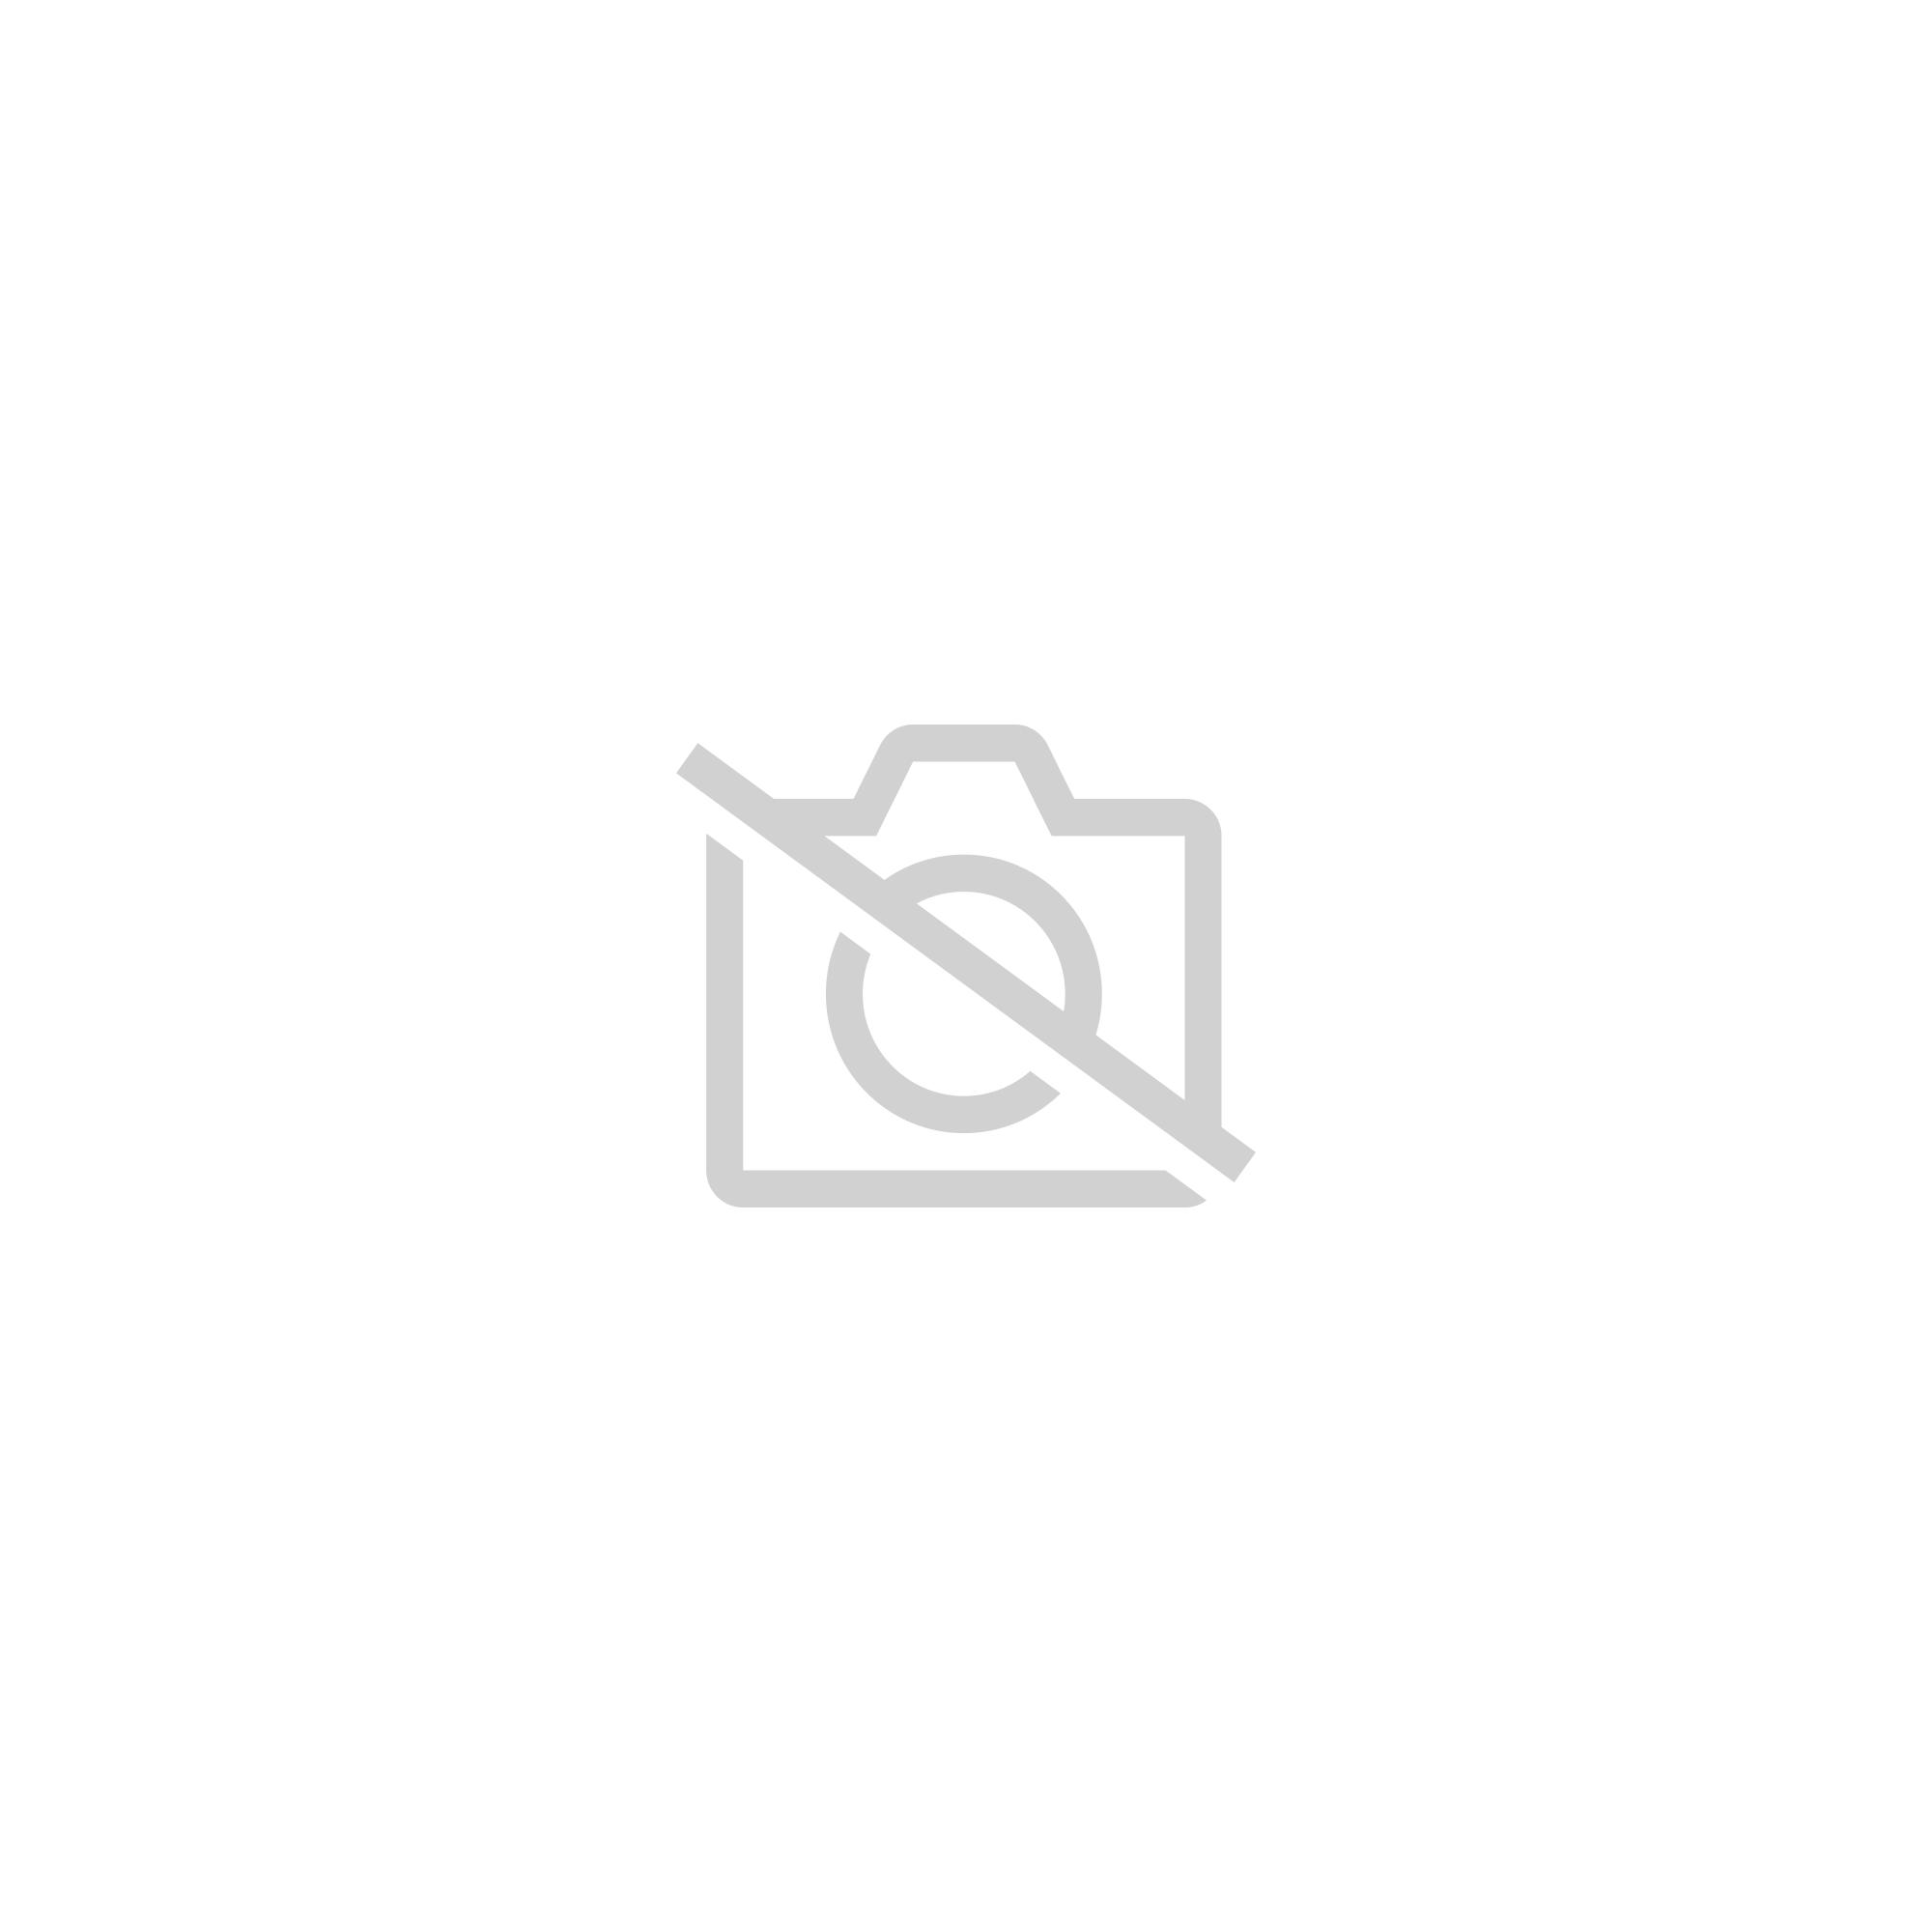 126994A Rideau satin/é princesse rose et blanc avec noeud brod/é